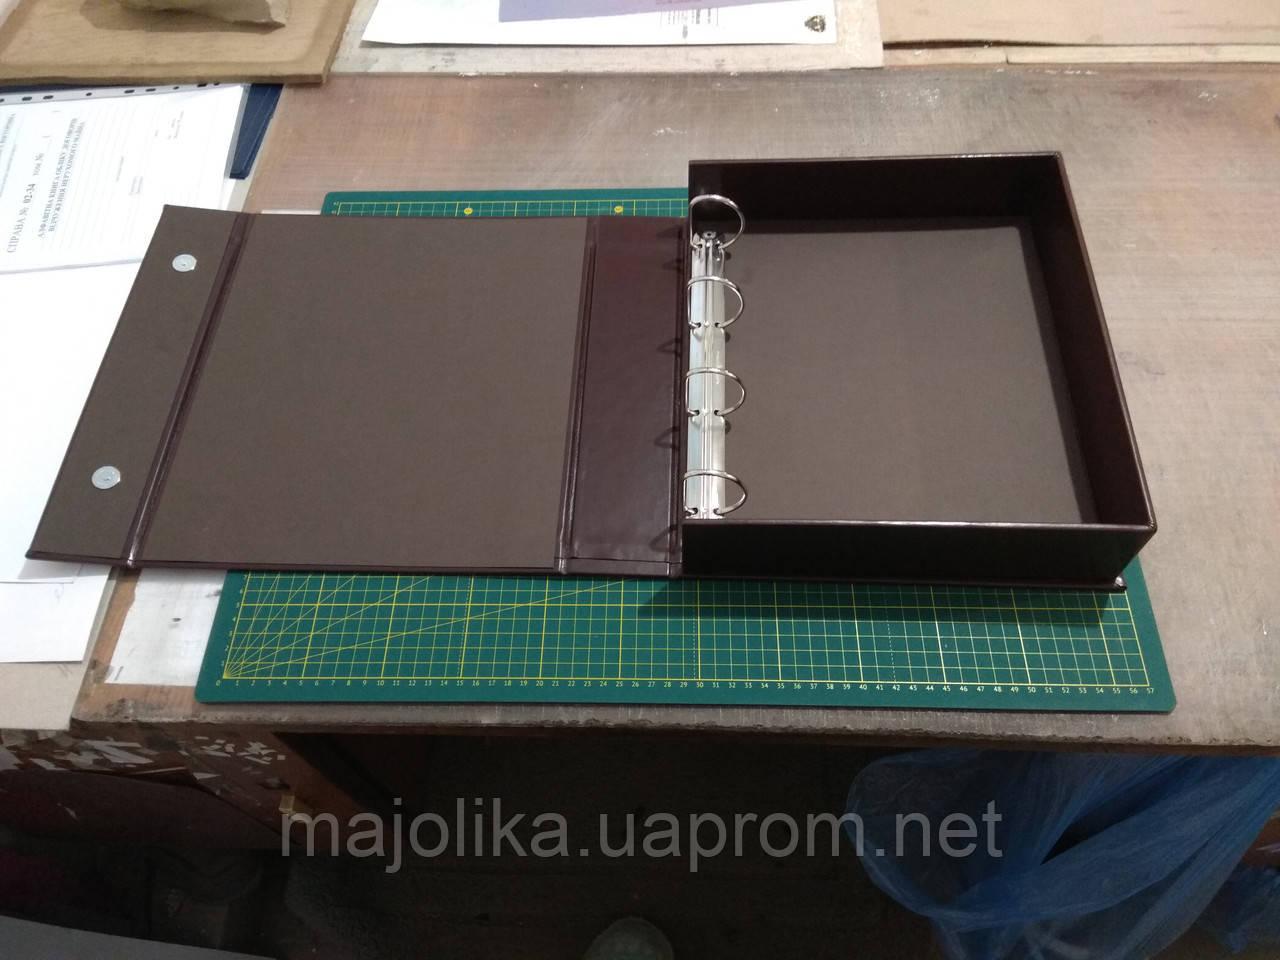 Виготовлення каталожної папки під замовлення.